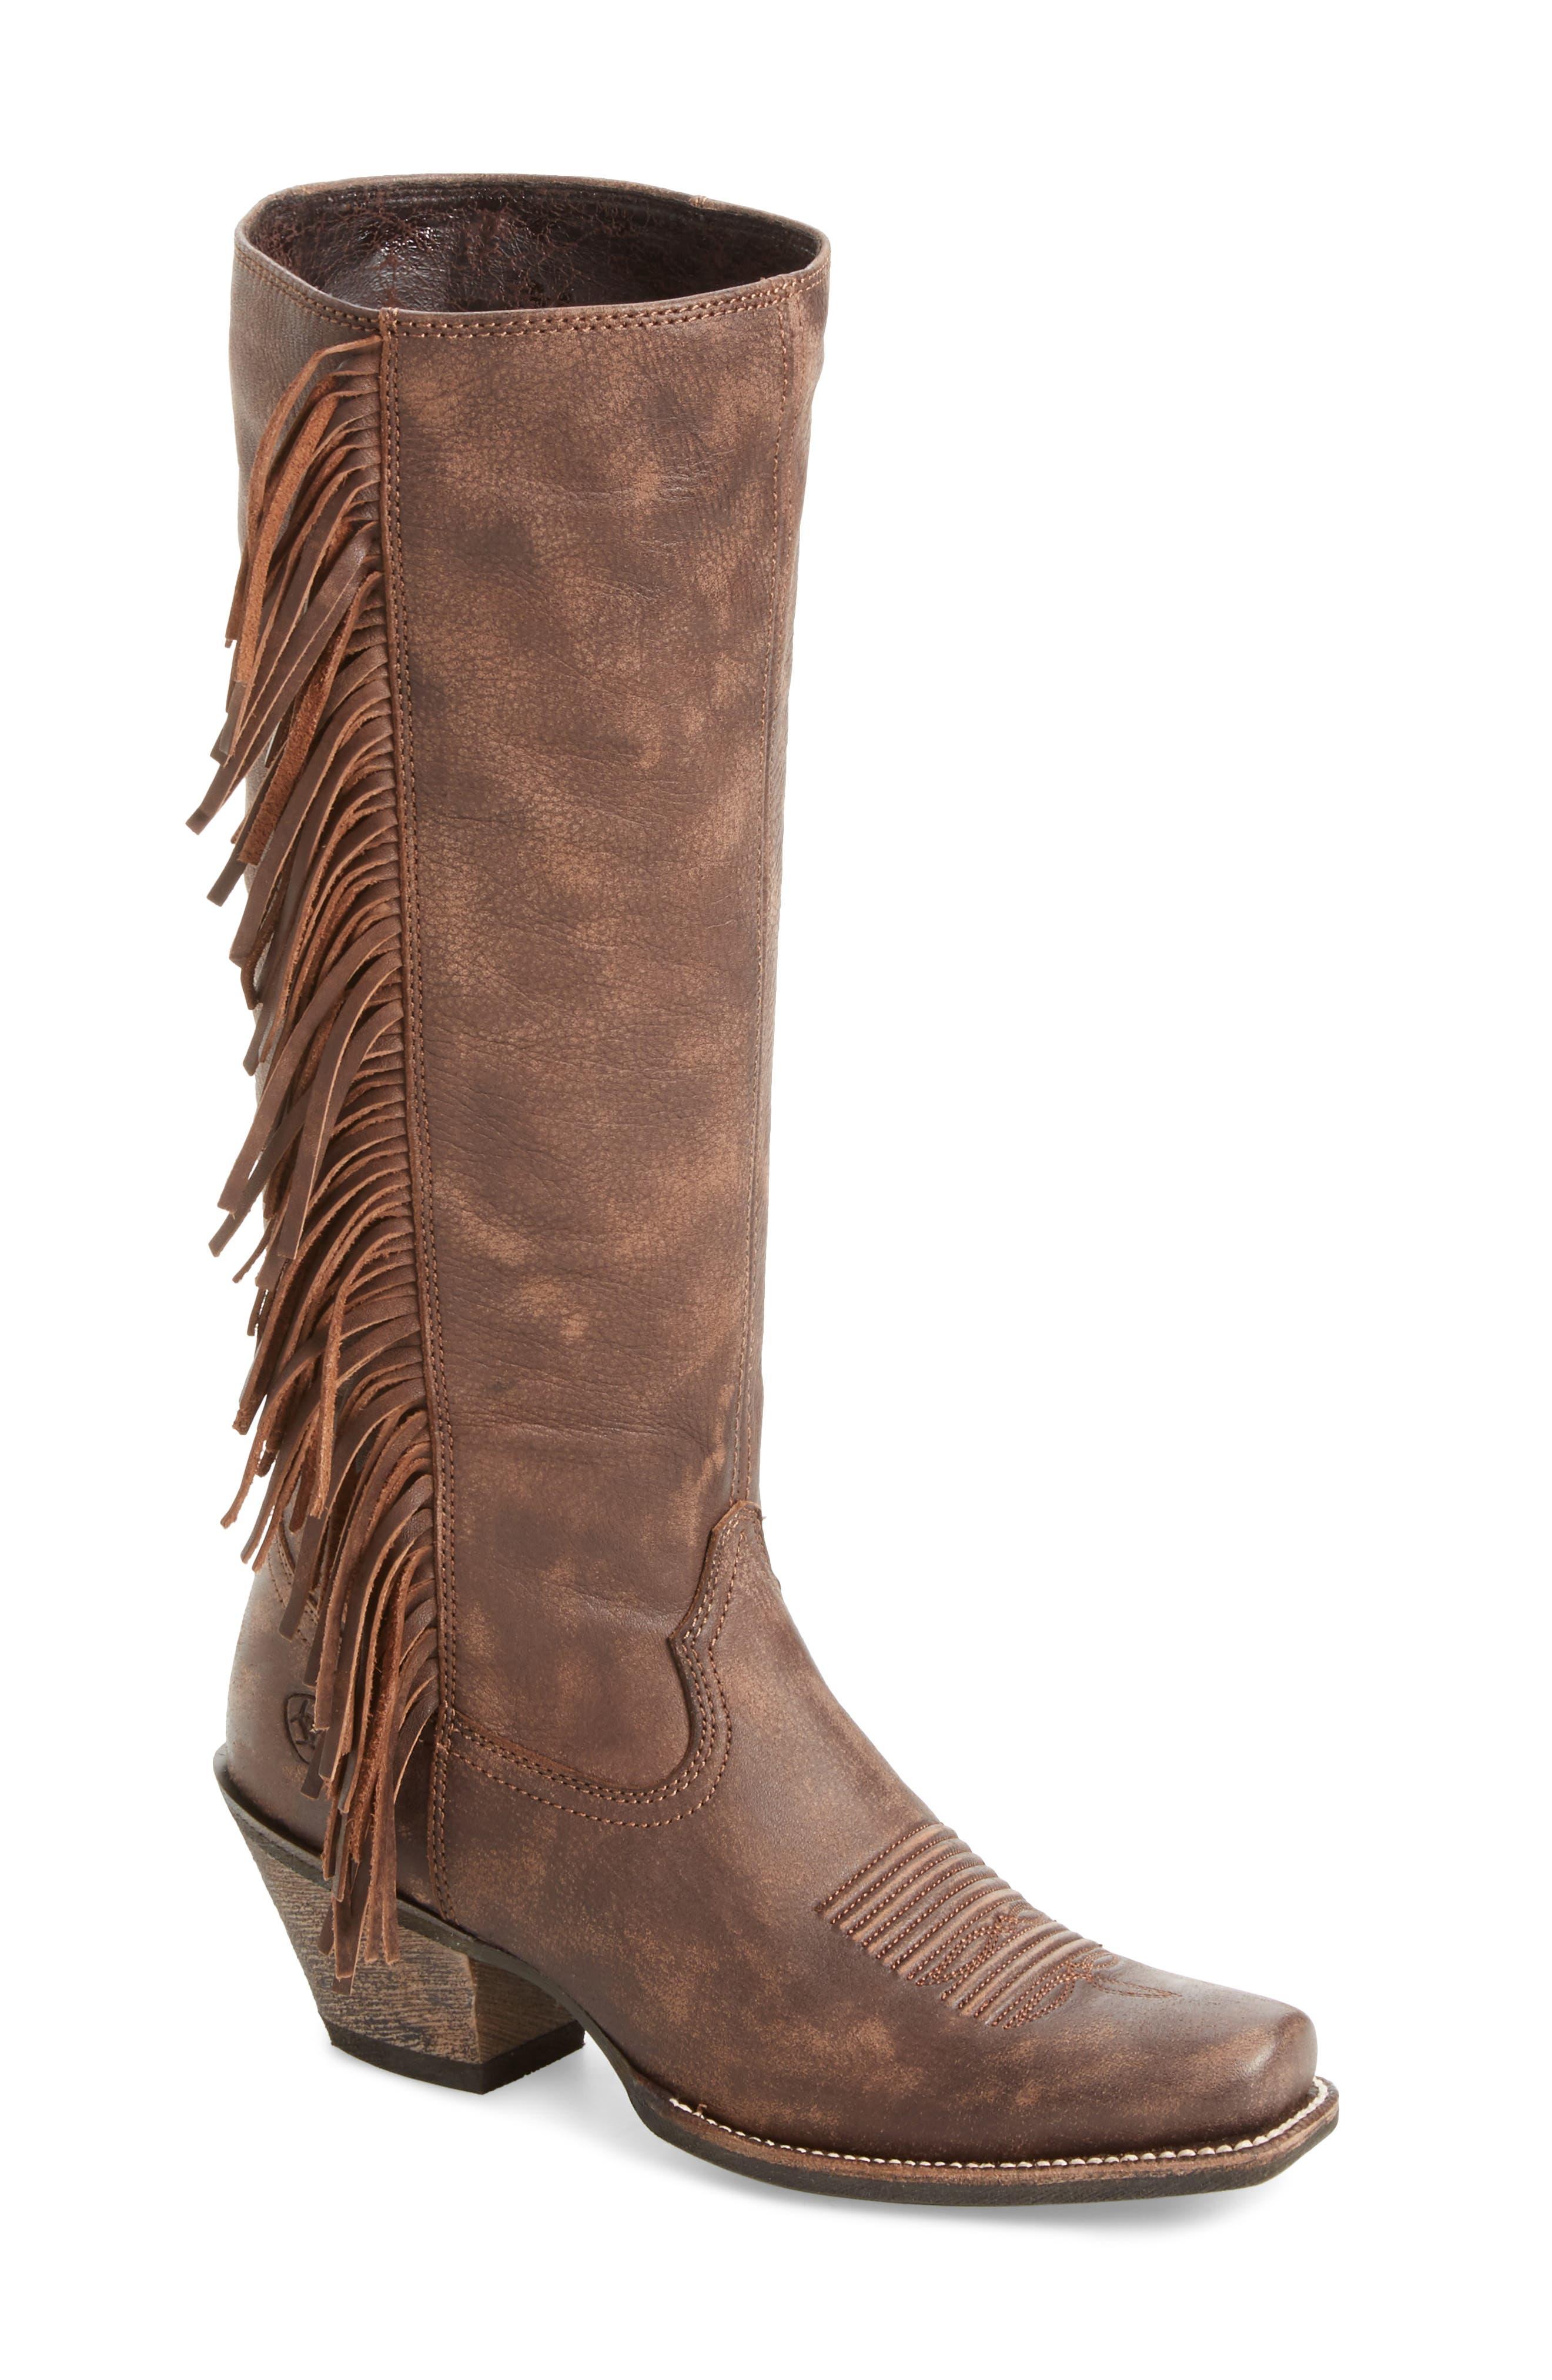 Ariat Leyton Fringe Western Boot- Brown